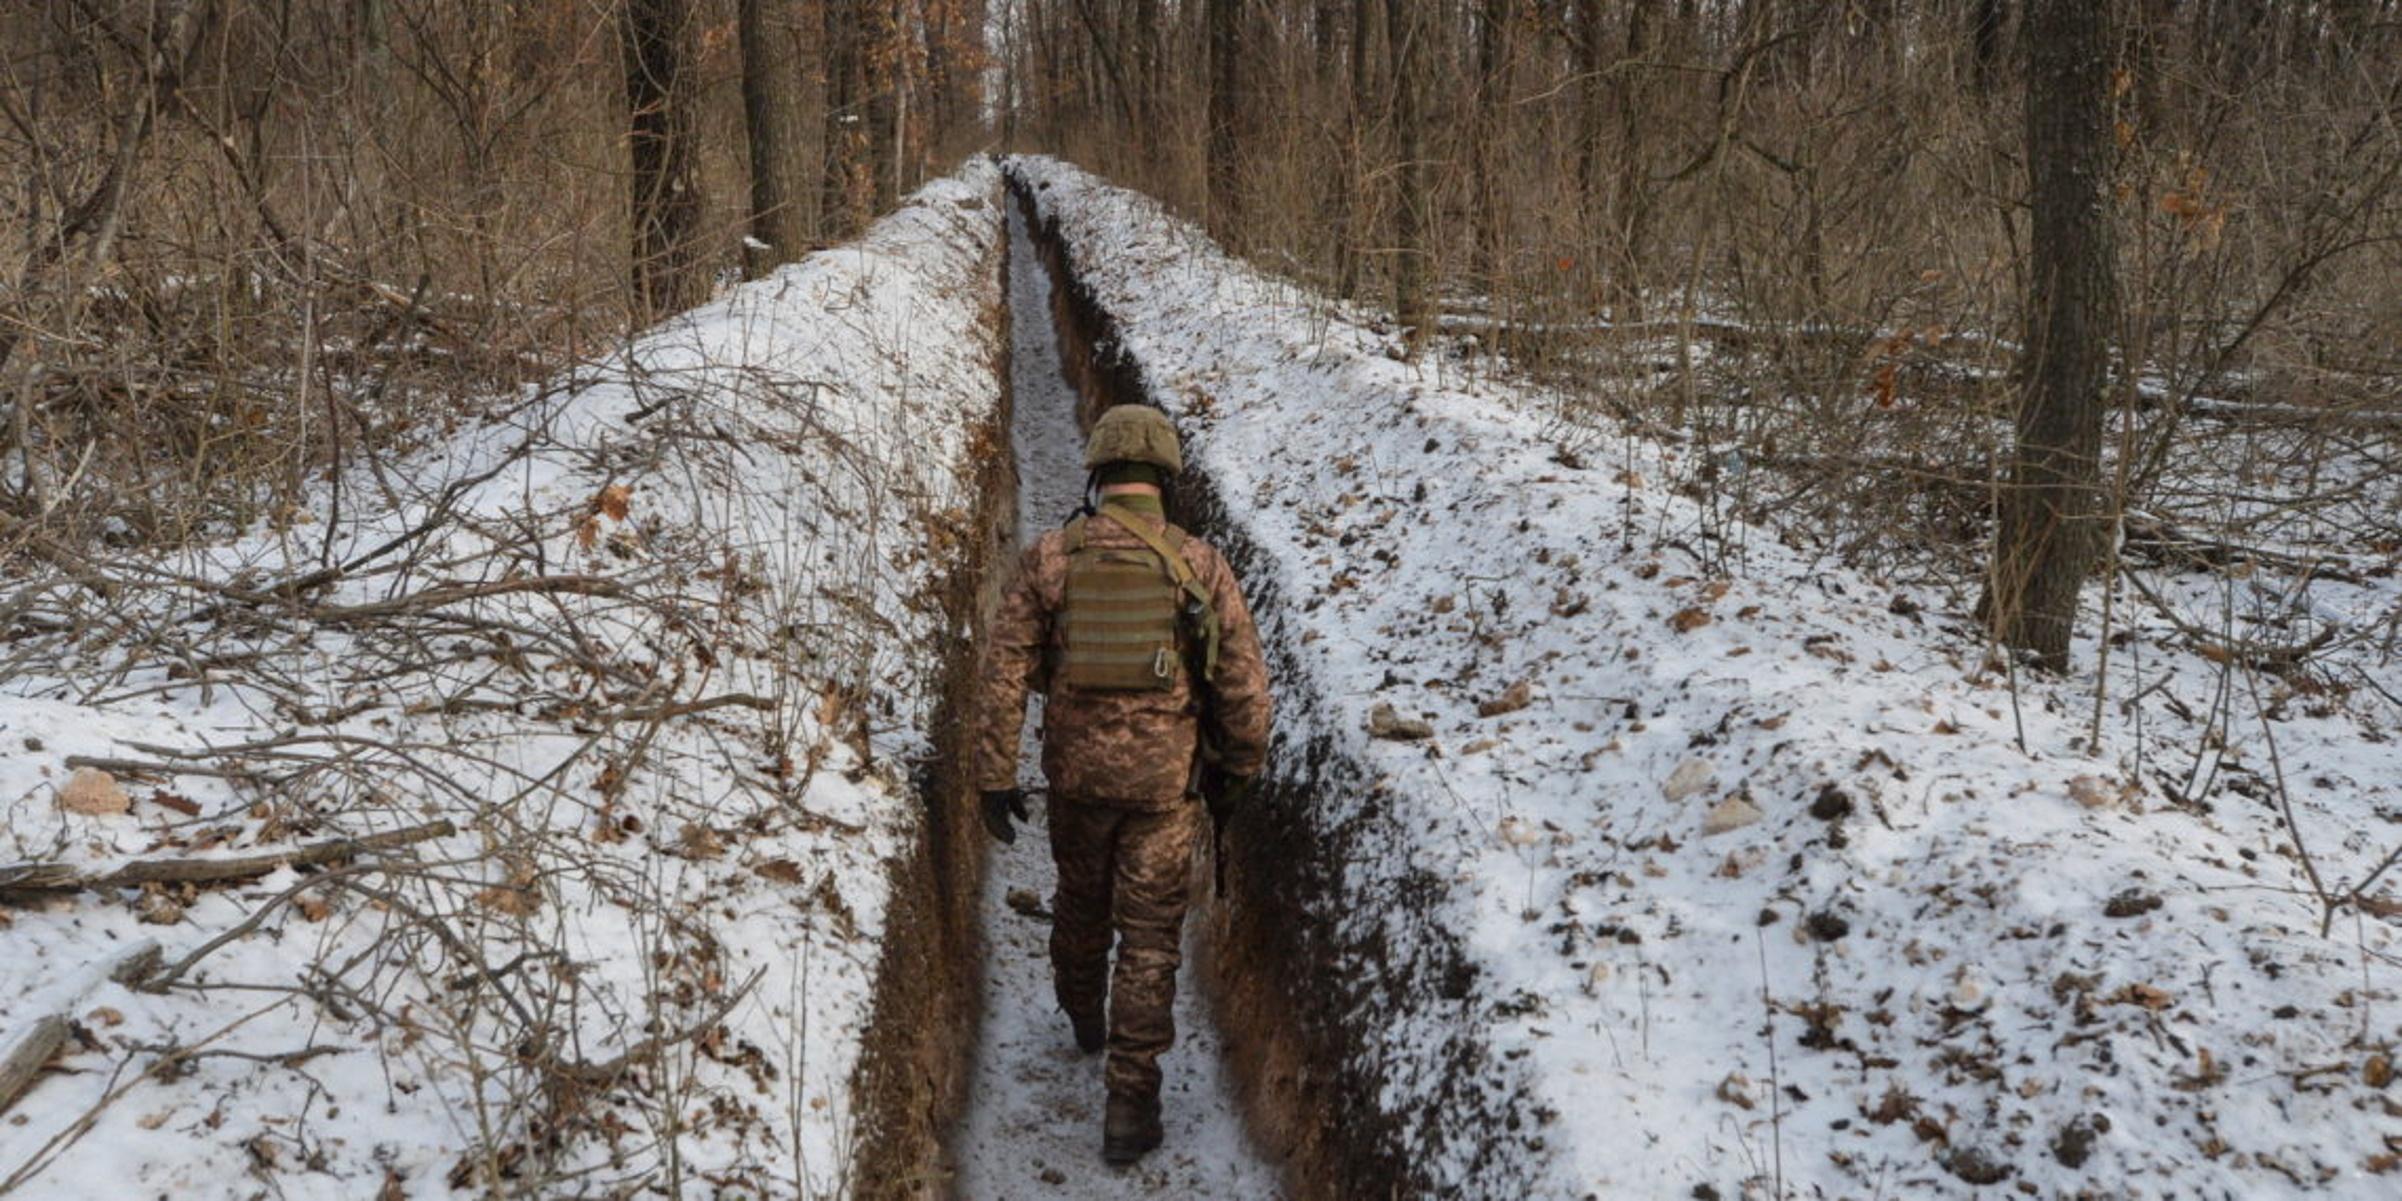 «Σειρήνες πολέμου» στην Ουκρανία: Ρωσικές στρατιωτικές δυνάμεις αναπτύσσονται στα σύνορα